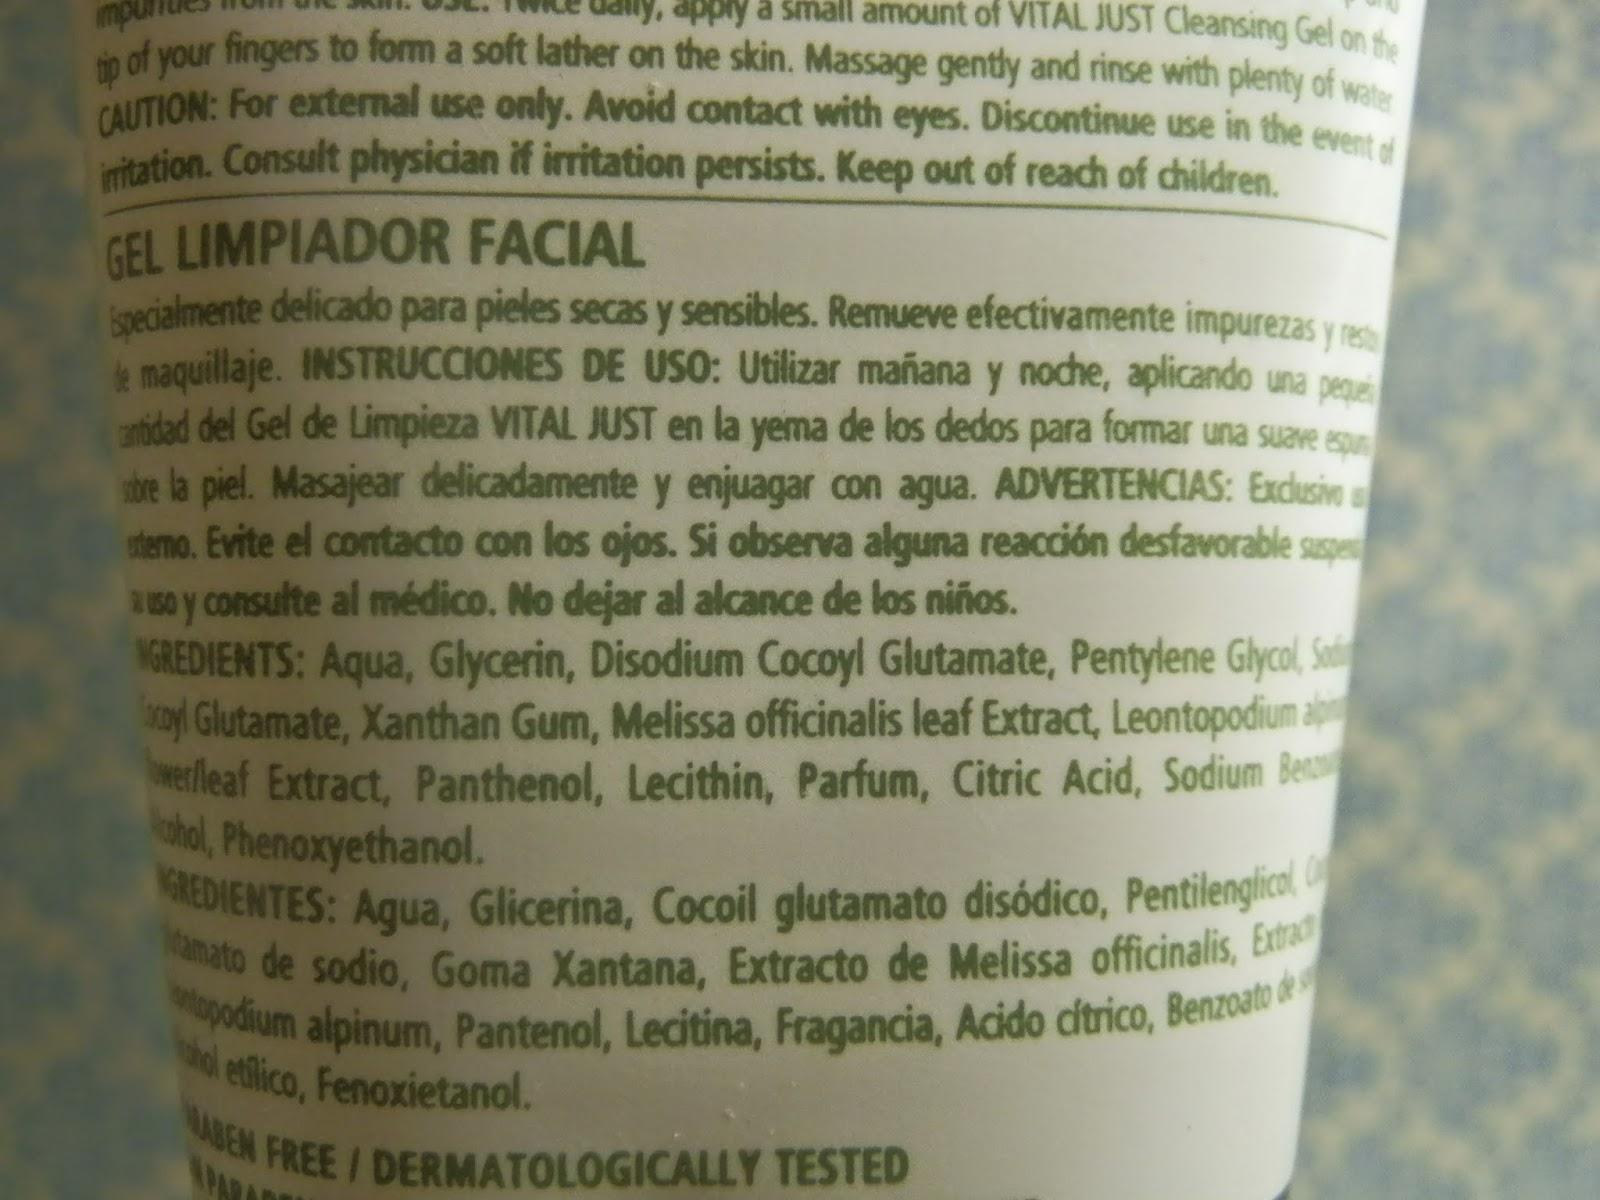 """<img alt=""""vital_just_limpiador_facial"""" src=""""vital_just_limpiador_facial.jpg"""" >"""